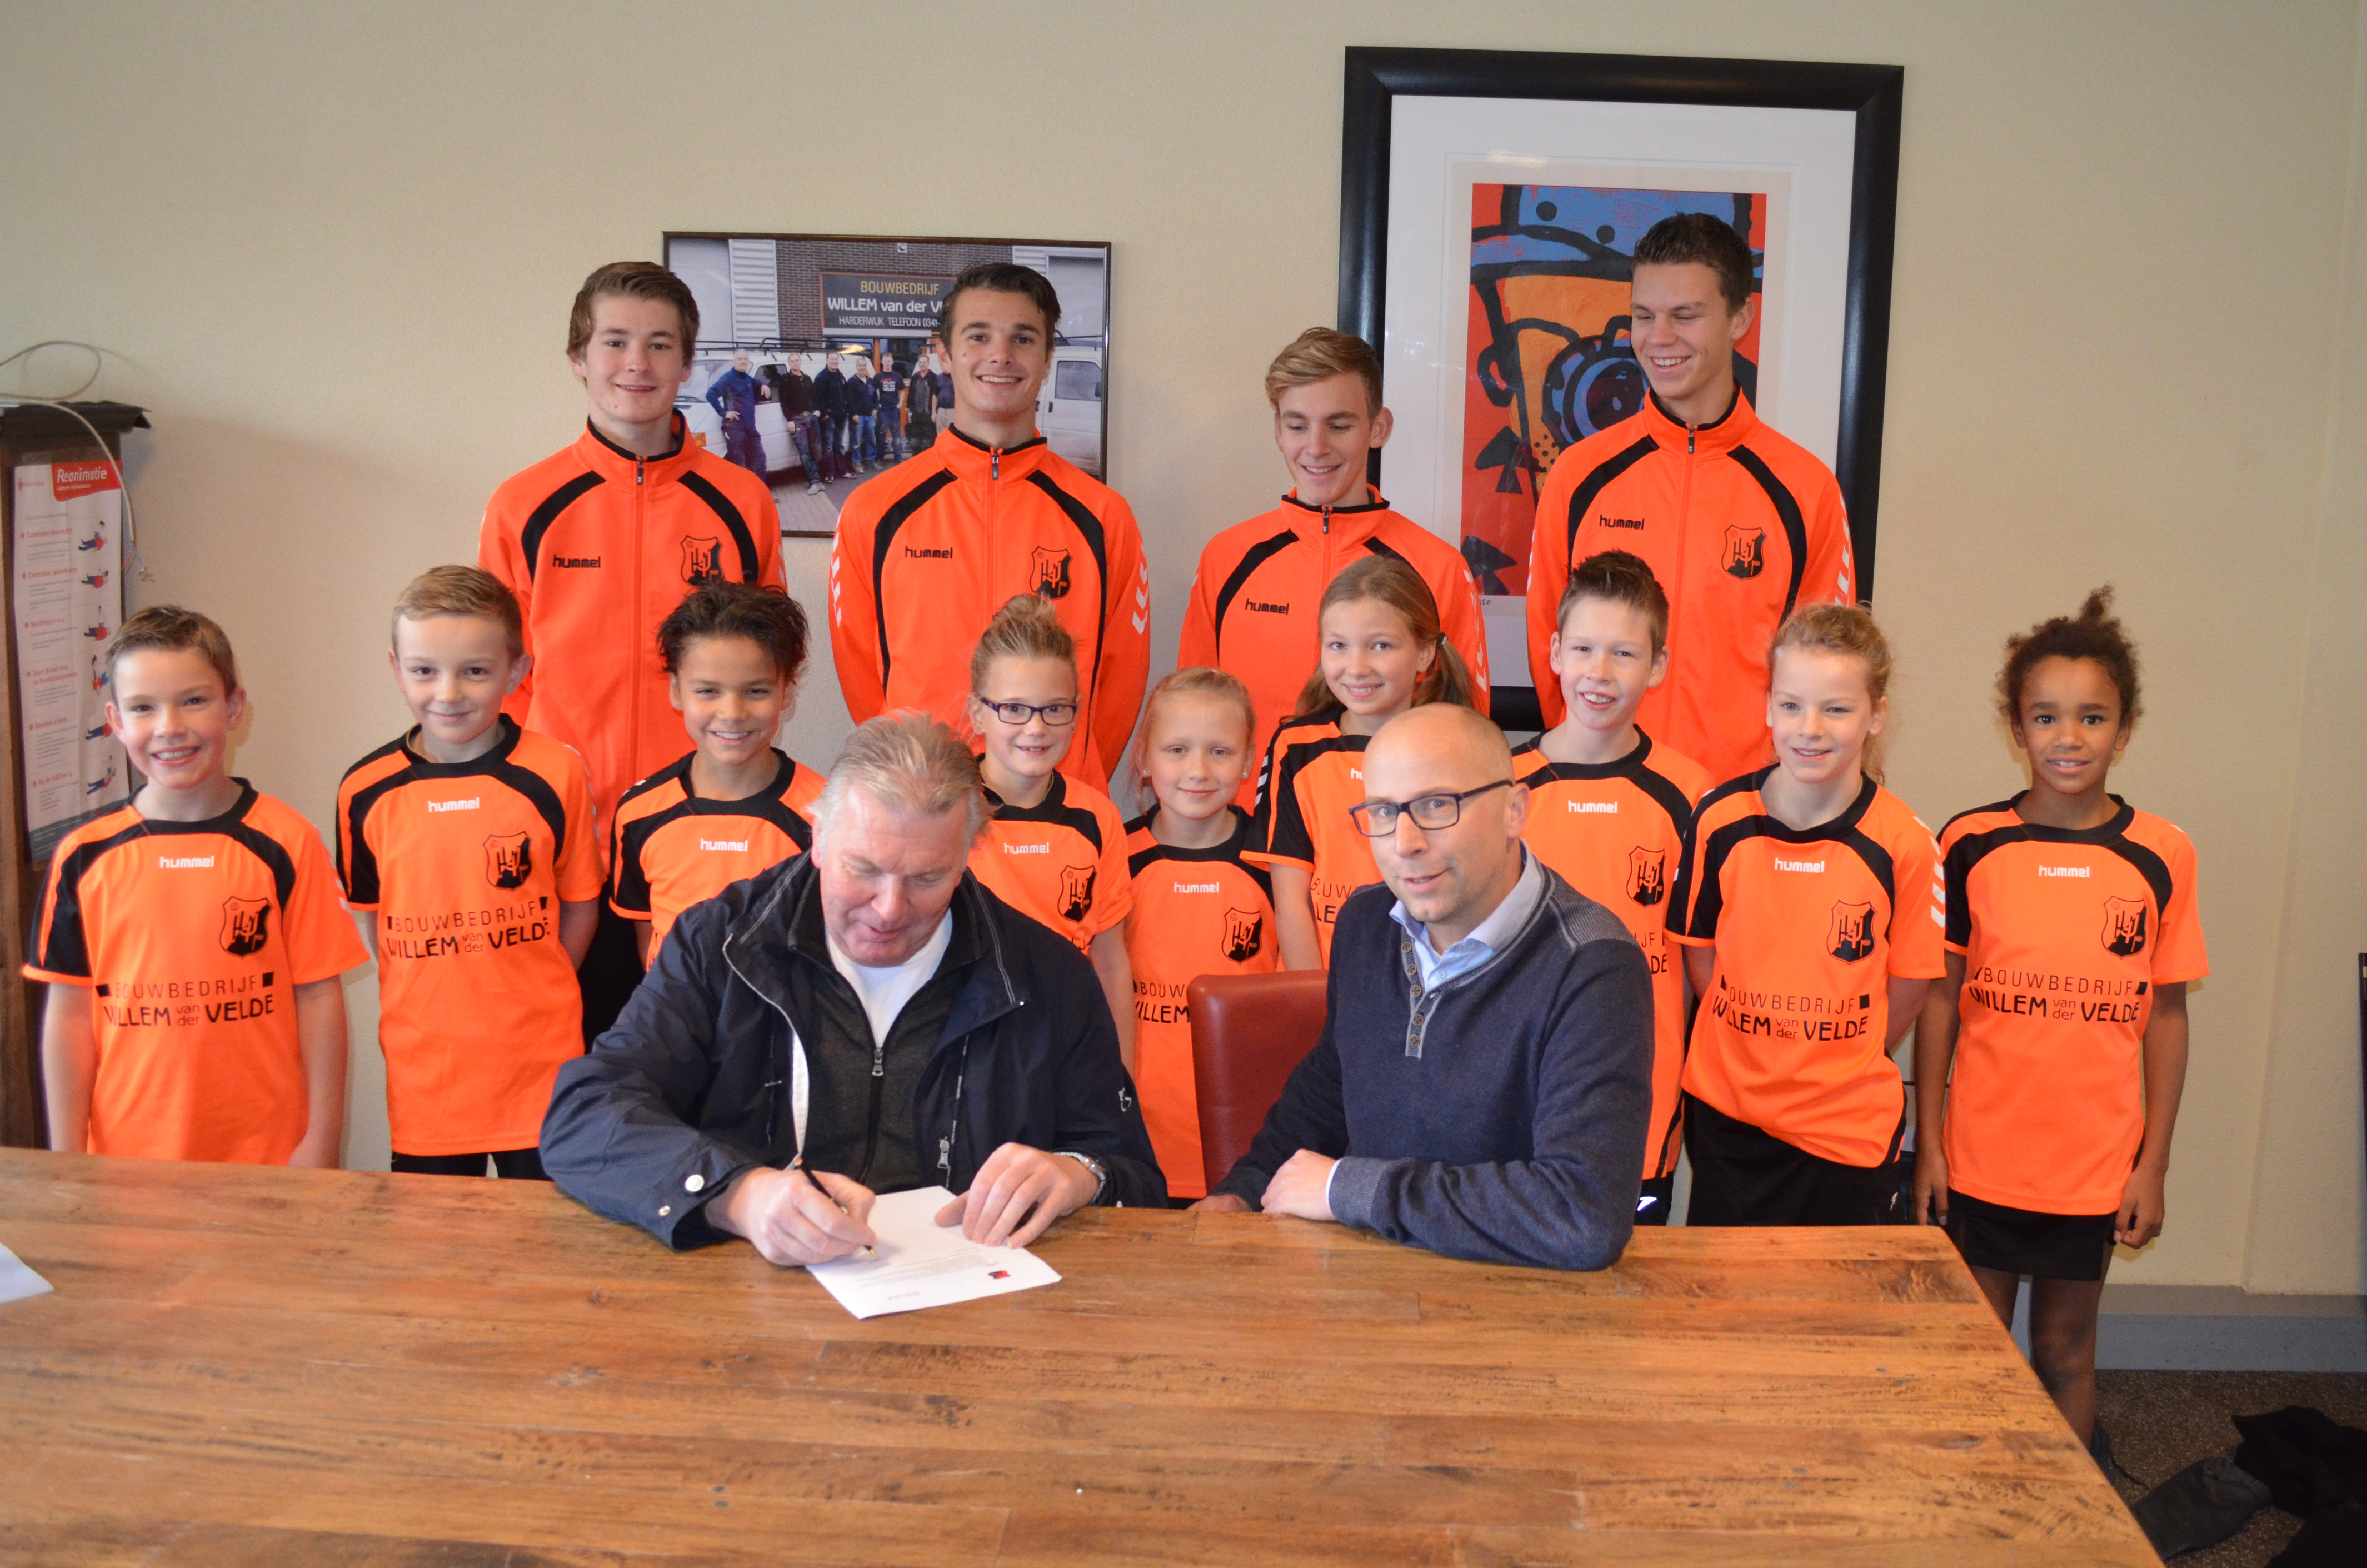 Bouwbedrijf Willem Van Der Velde Sponsort E1 En E2 Www